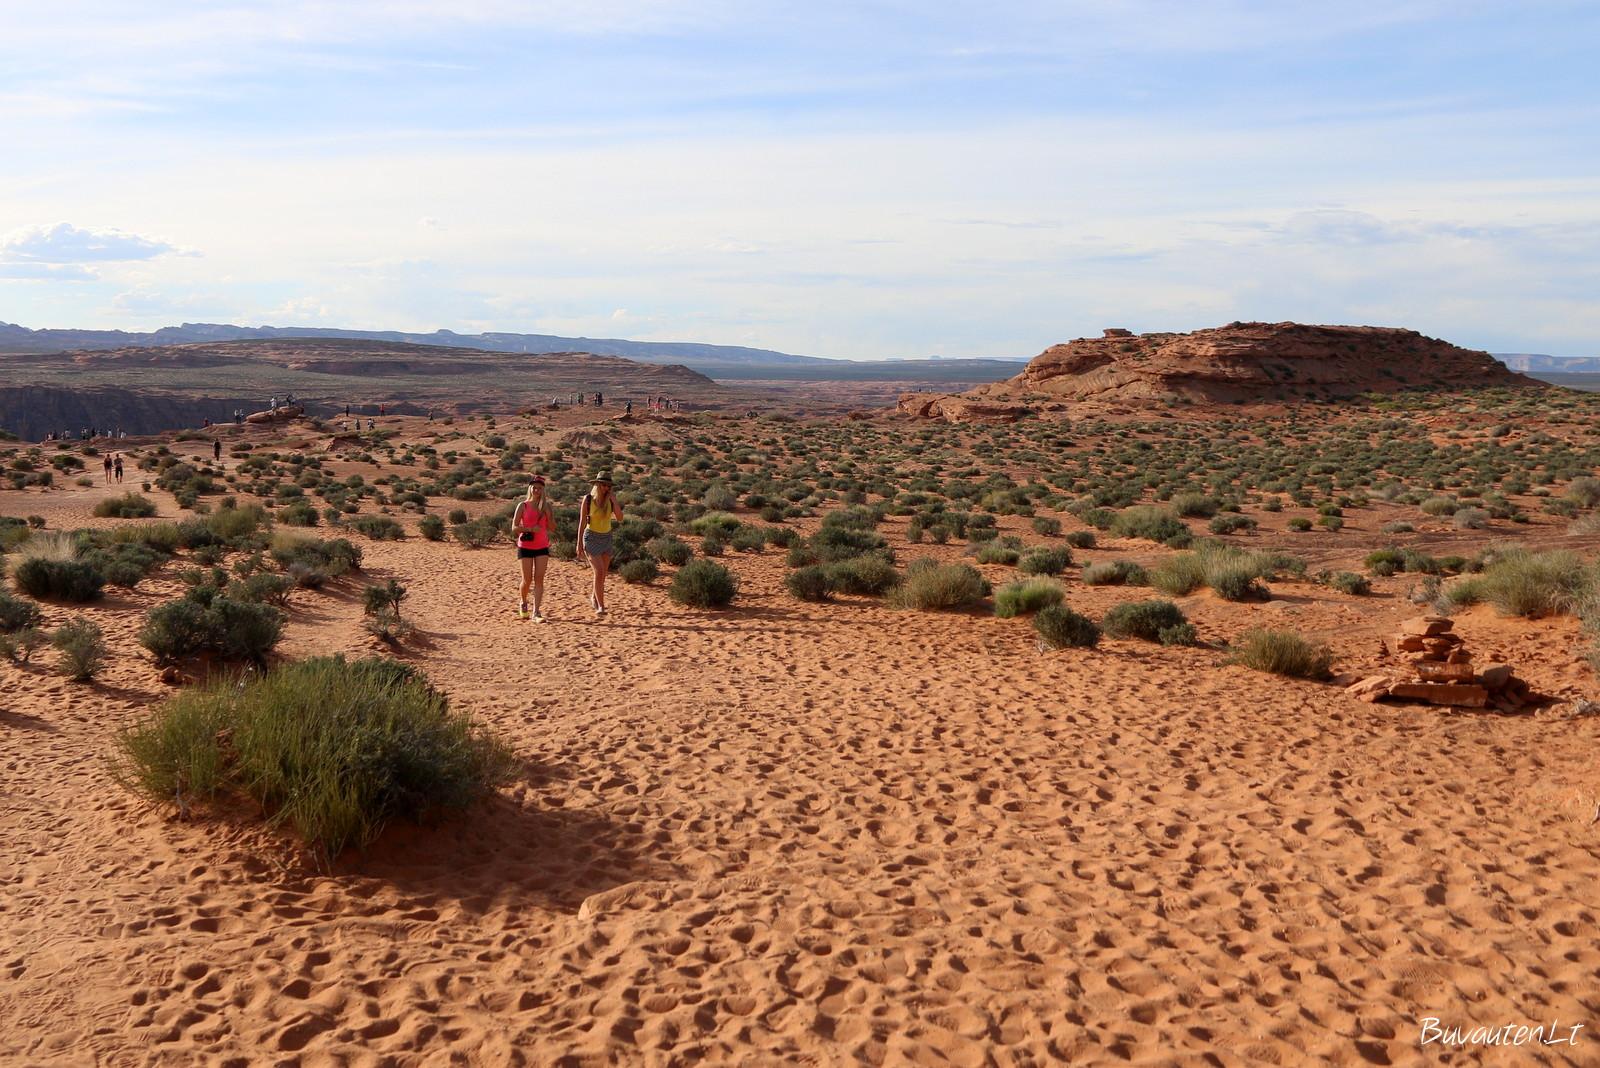 Į vieną pusę kilometrą reikia eiti per smėlį